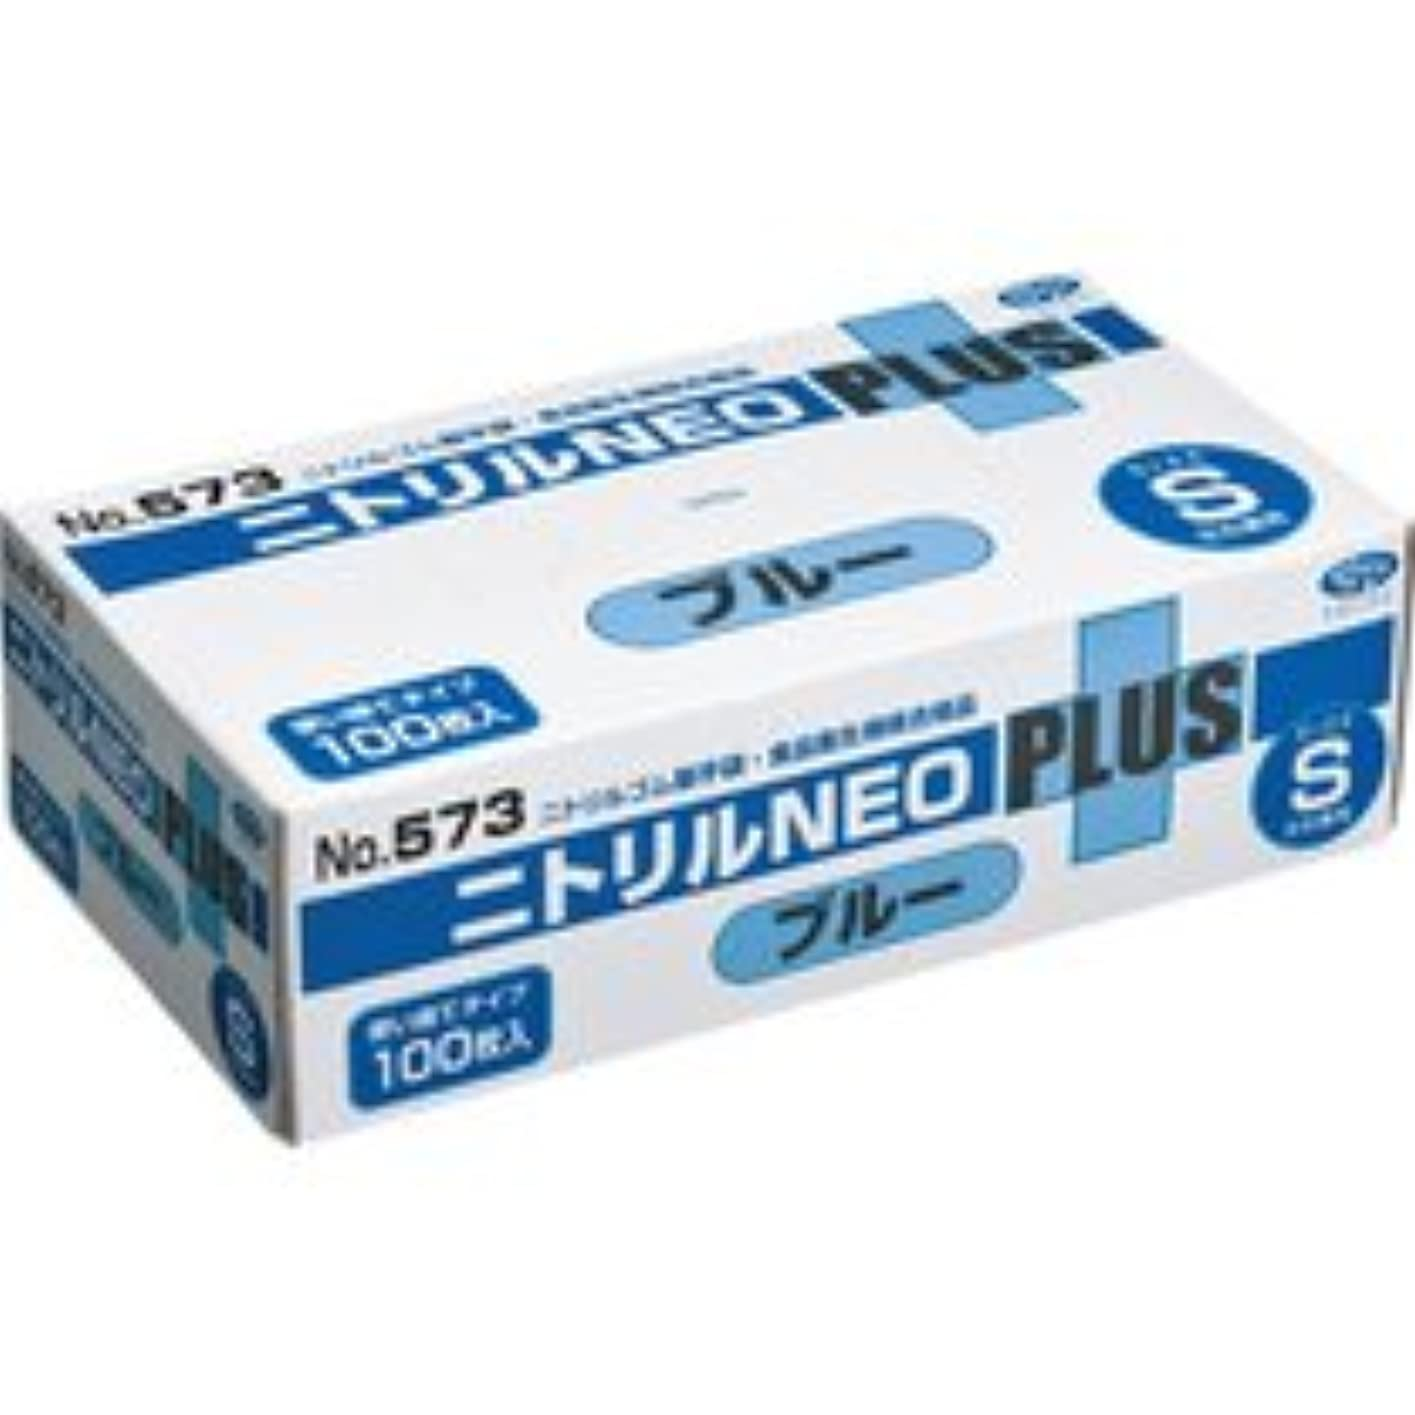 余計な結婚する日焼けエブノ ニトリルNEOプラス パウダーイン ブルー S NO-573 1箱(100枚)